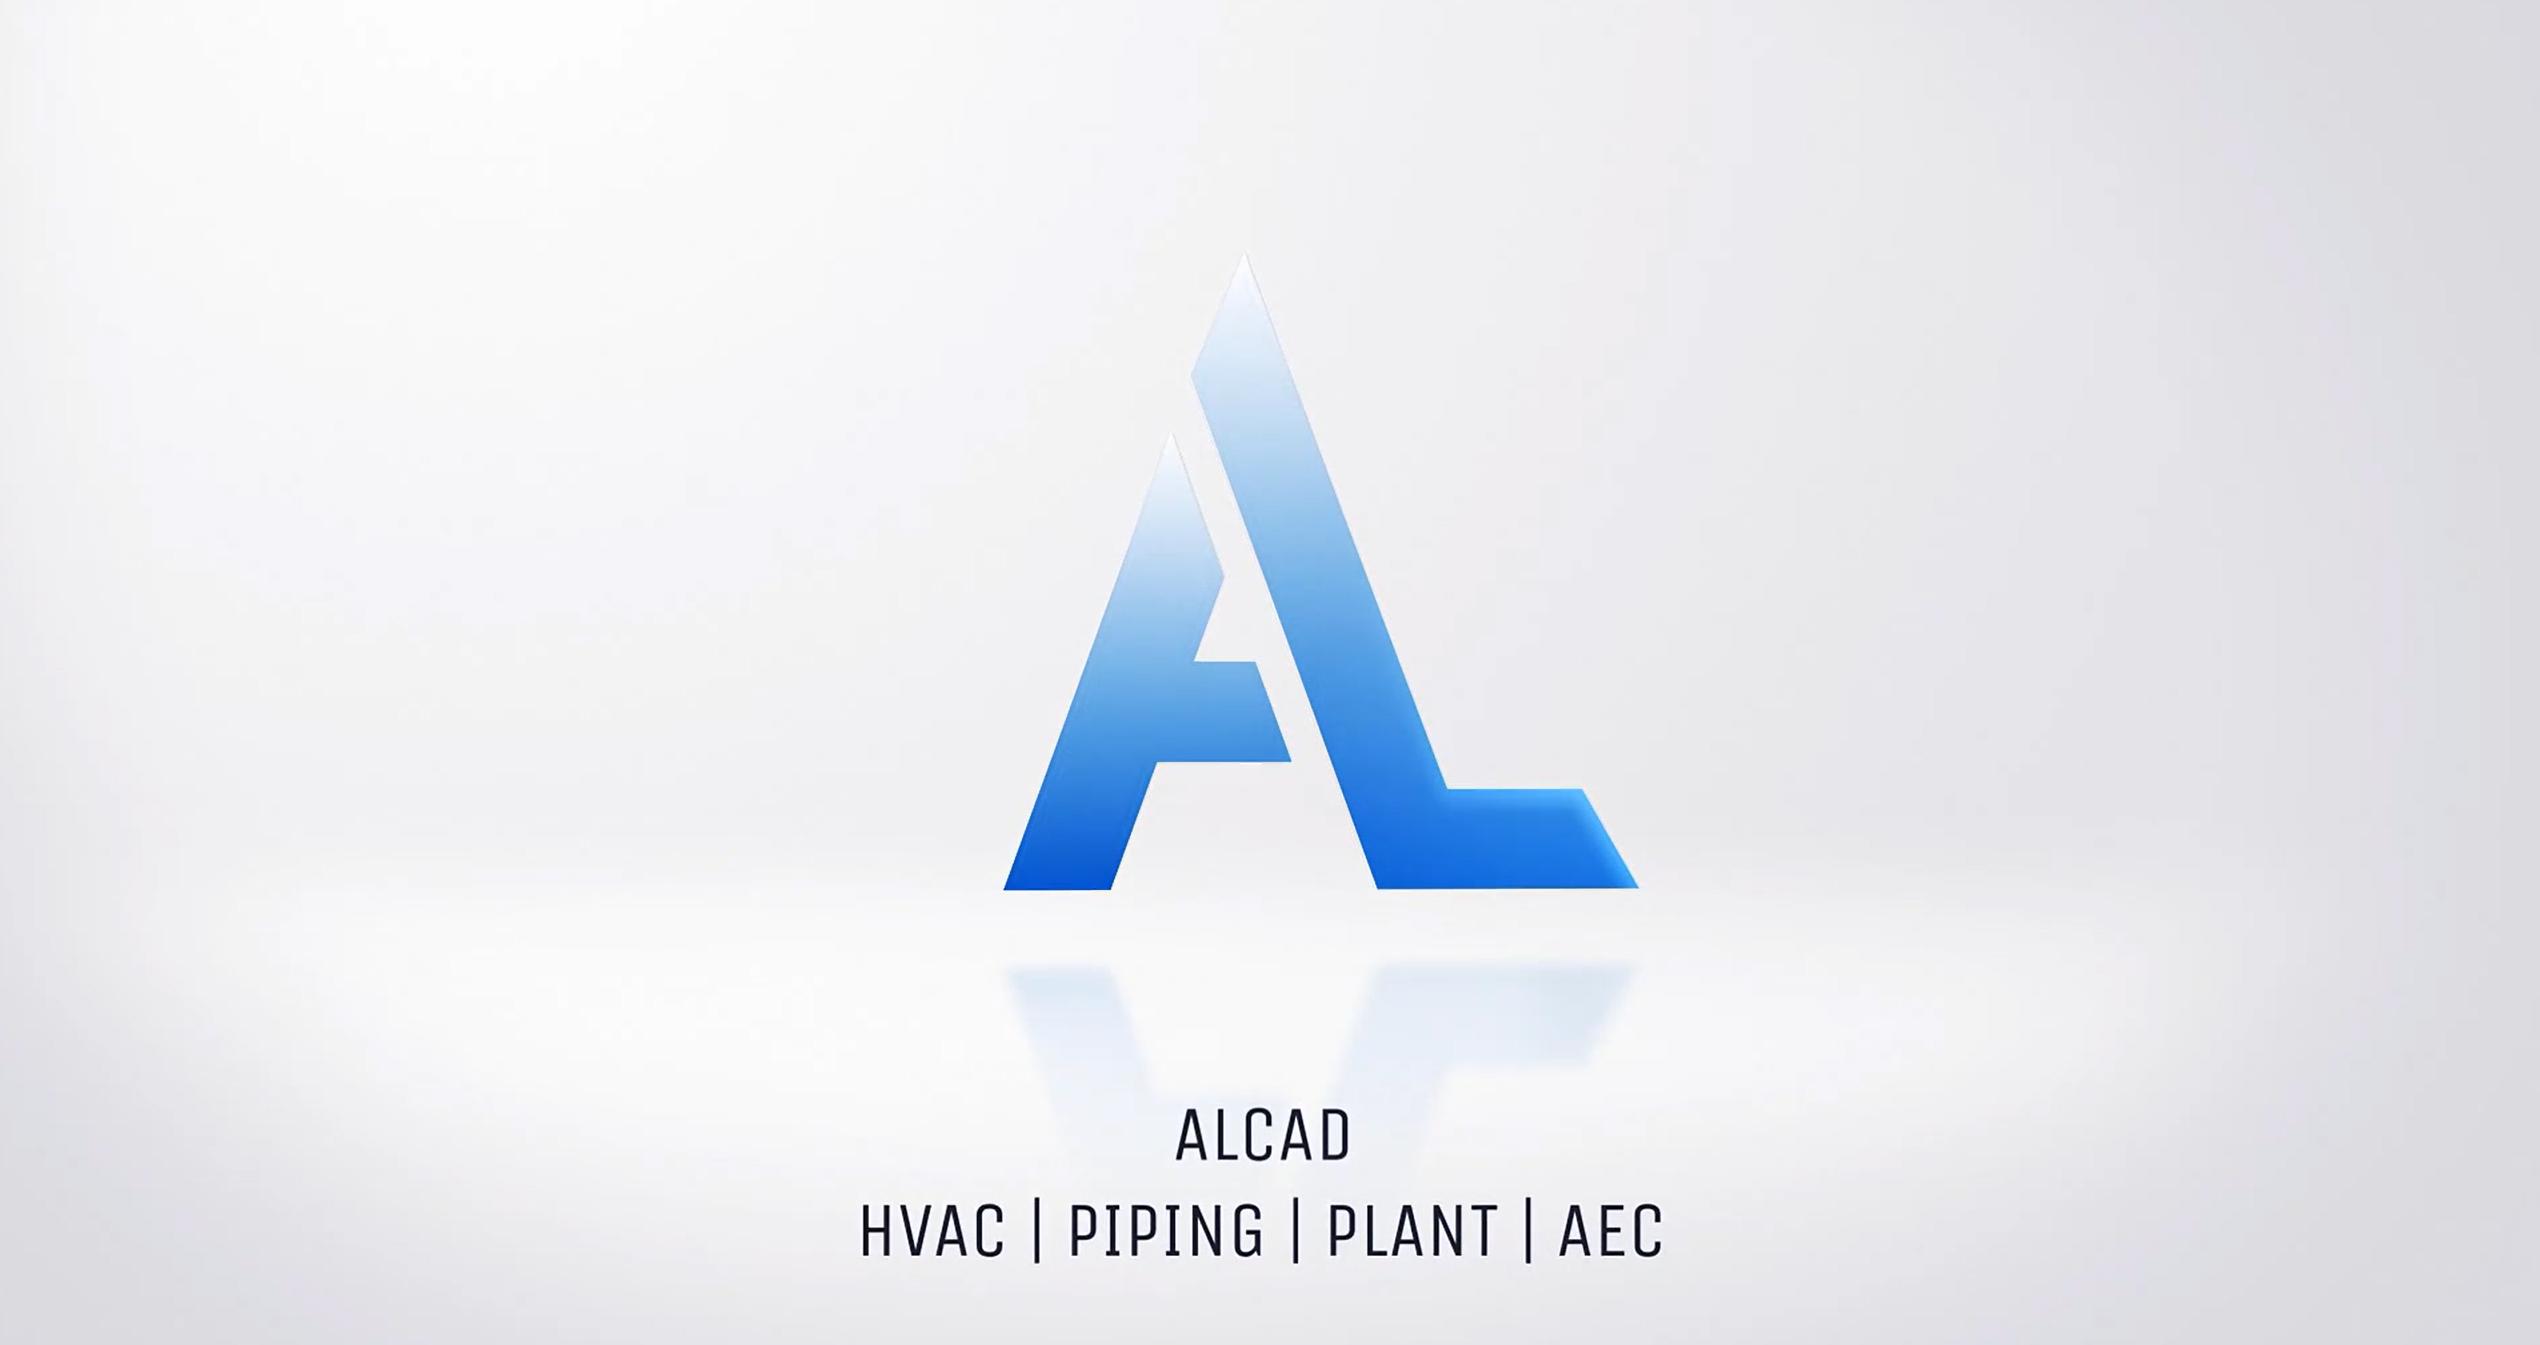 3D HVAC program – ALCAD